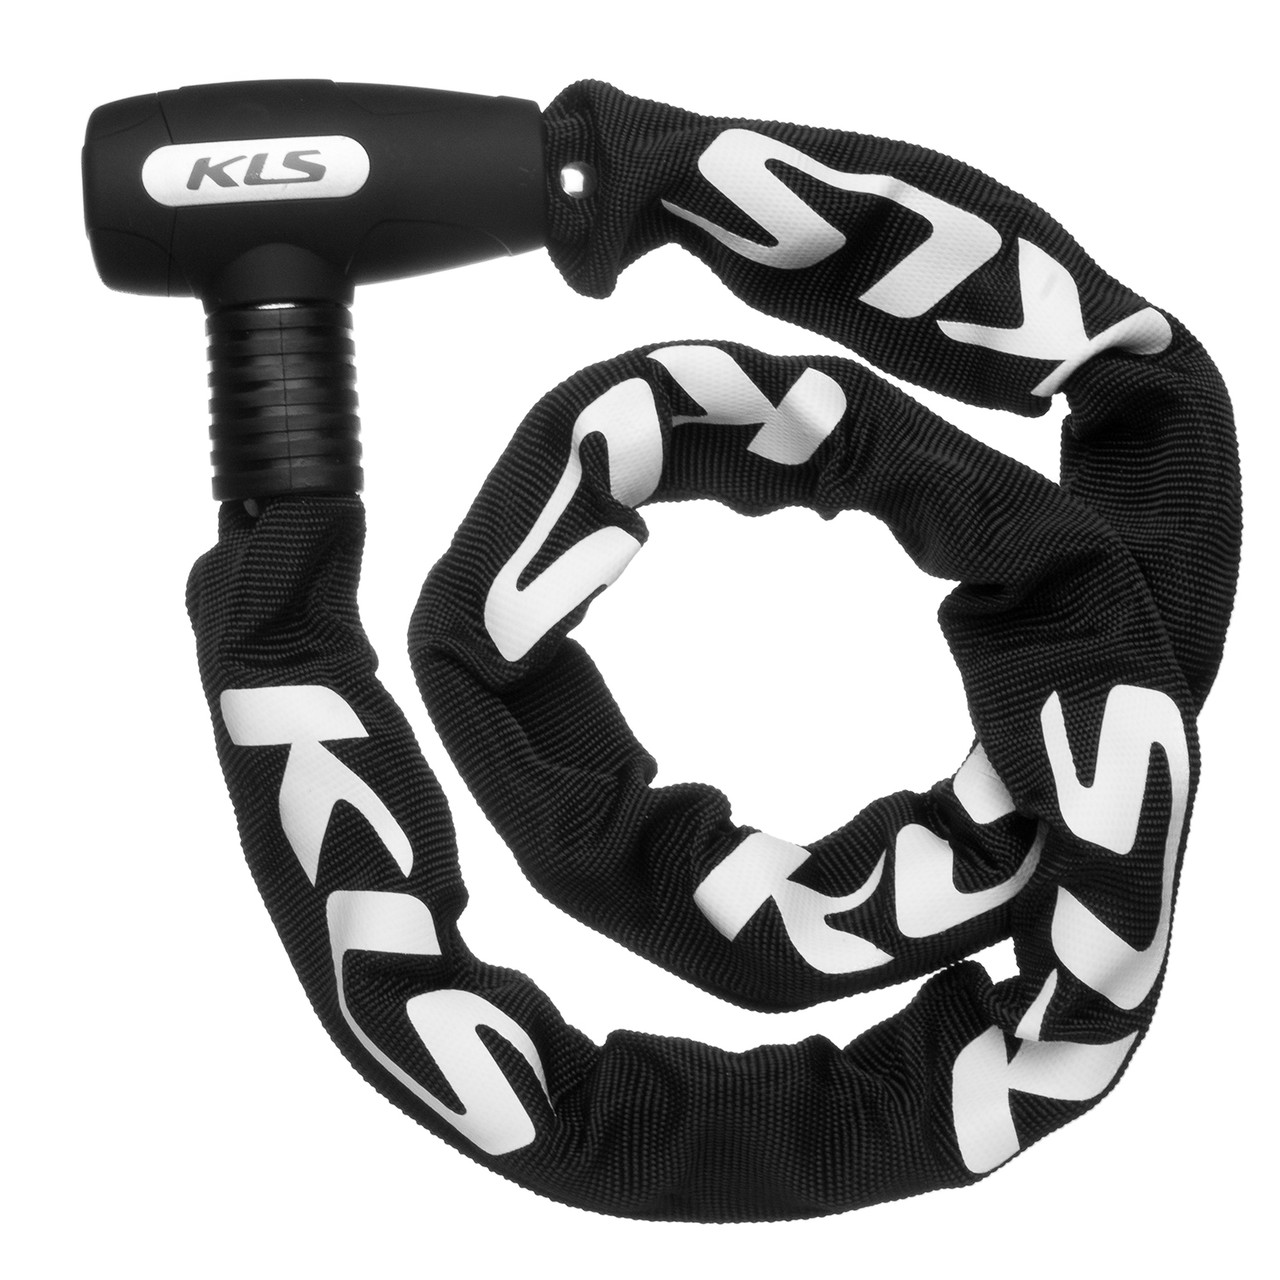 Велозамок KLS Chainlock 8 Чорний